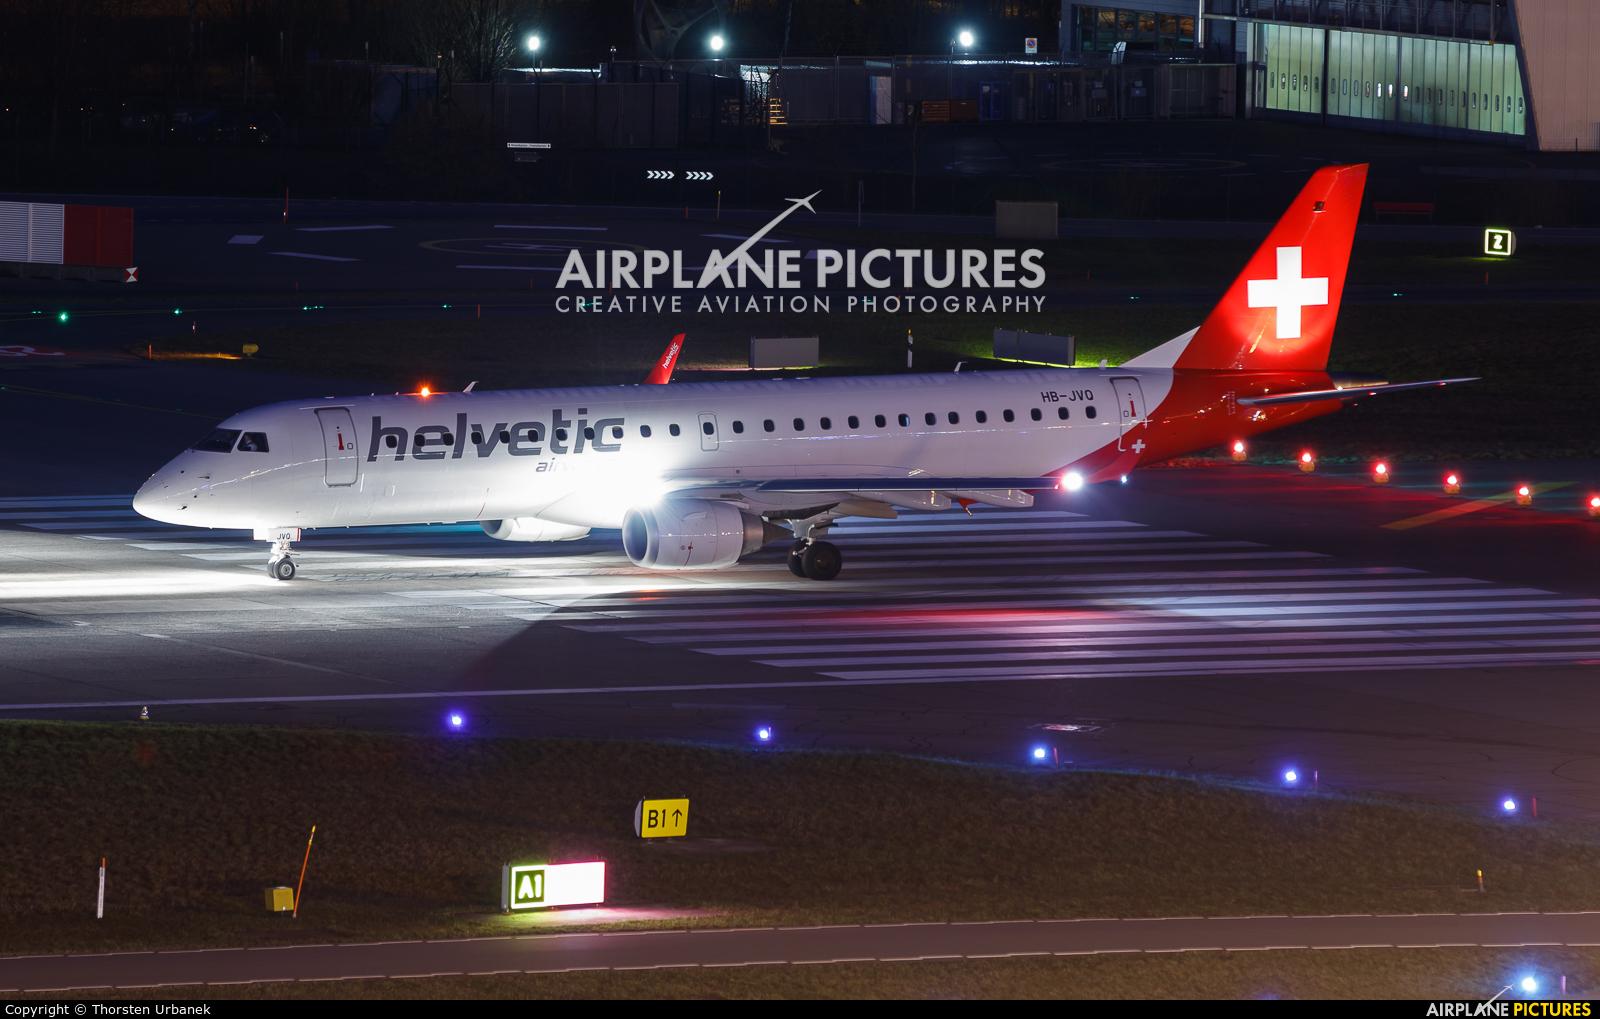 Helvetic Airways HB-JVQ aircraft at Zurich